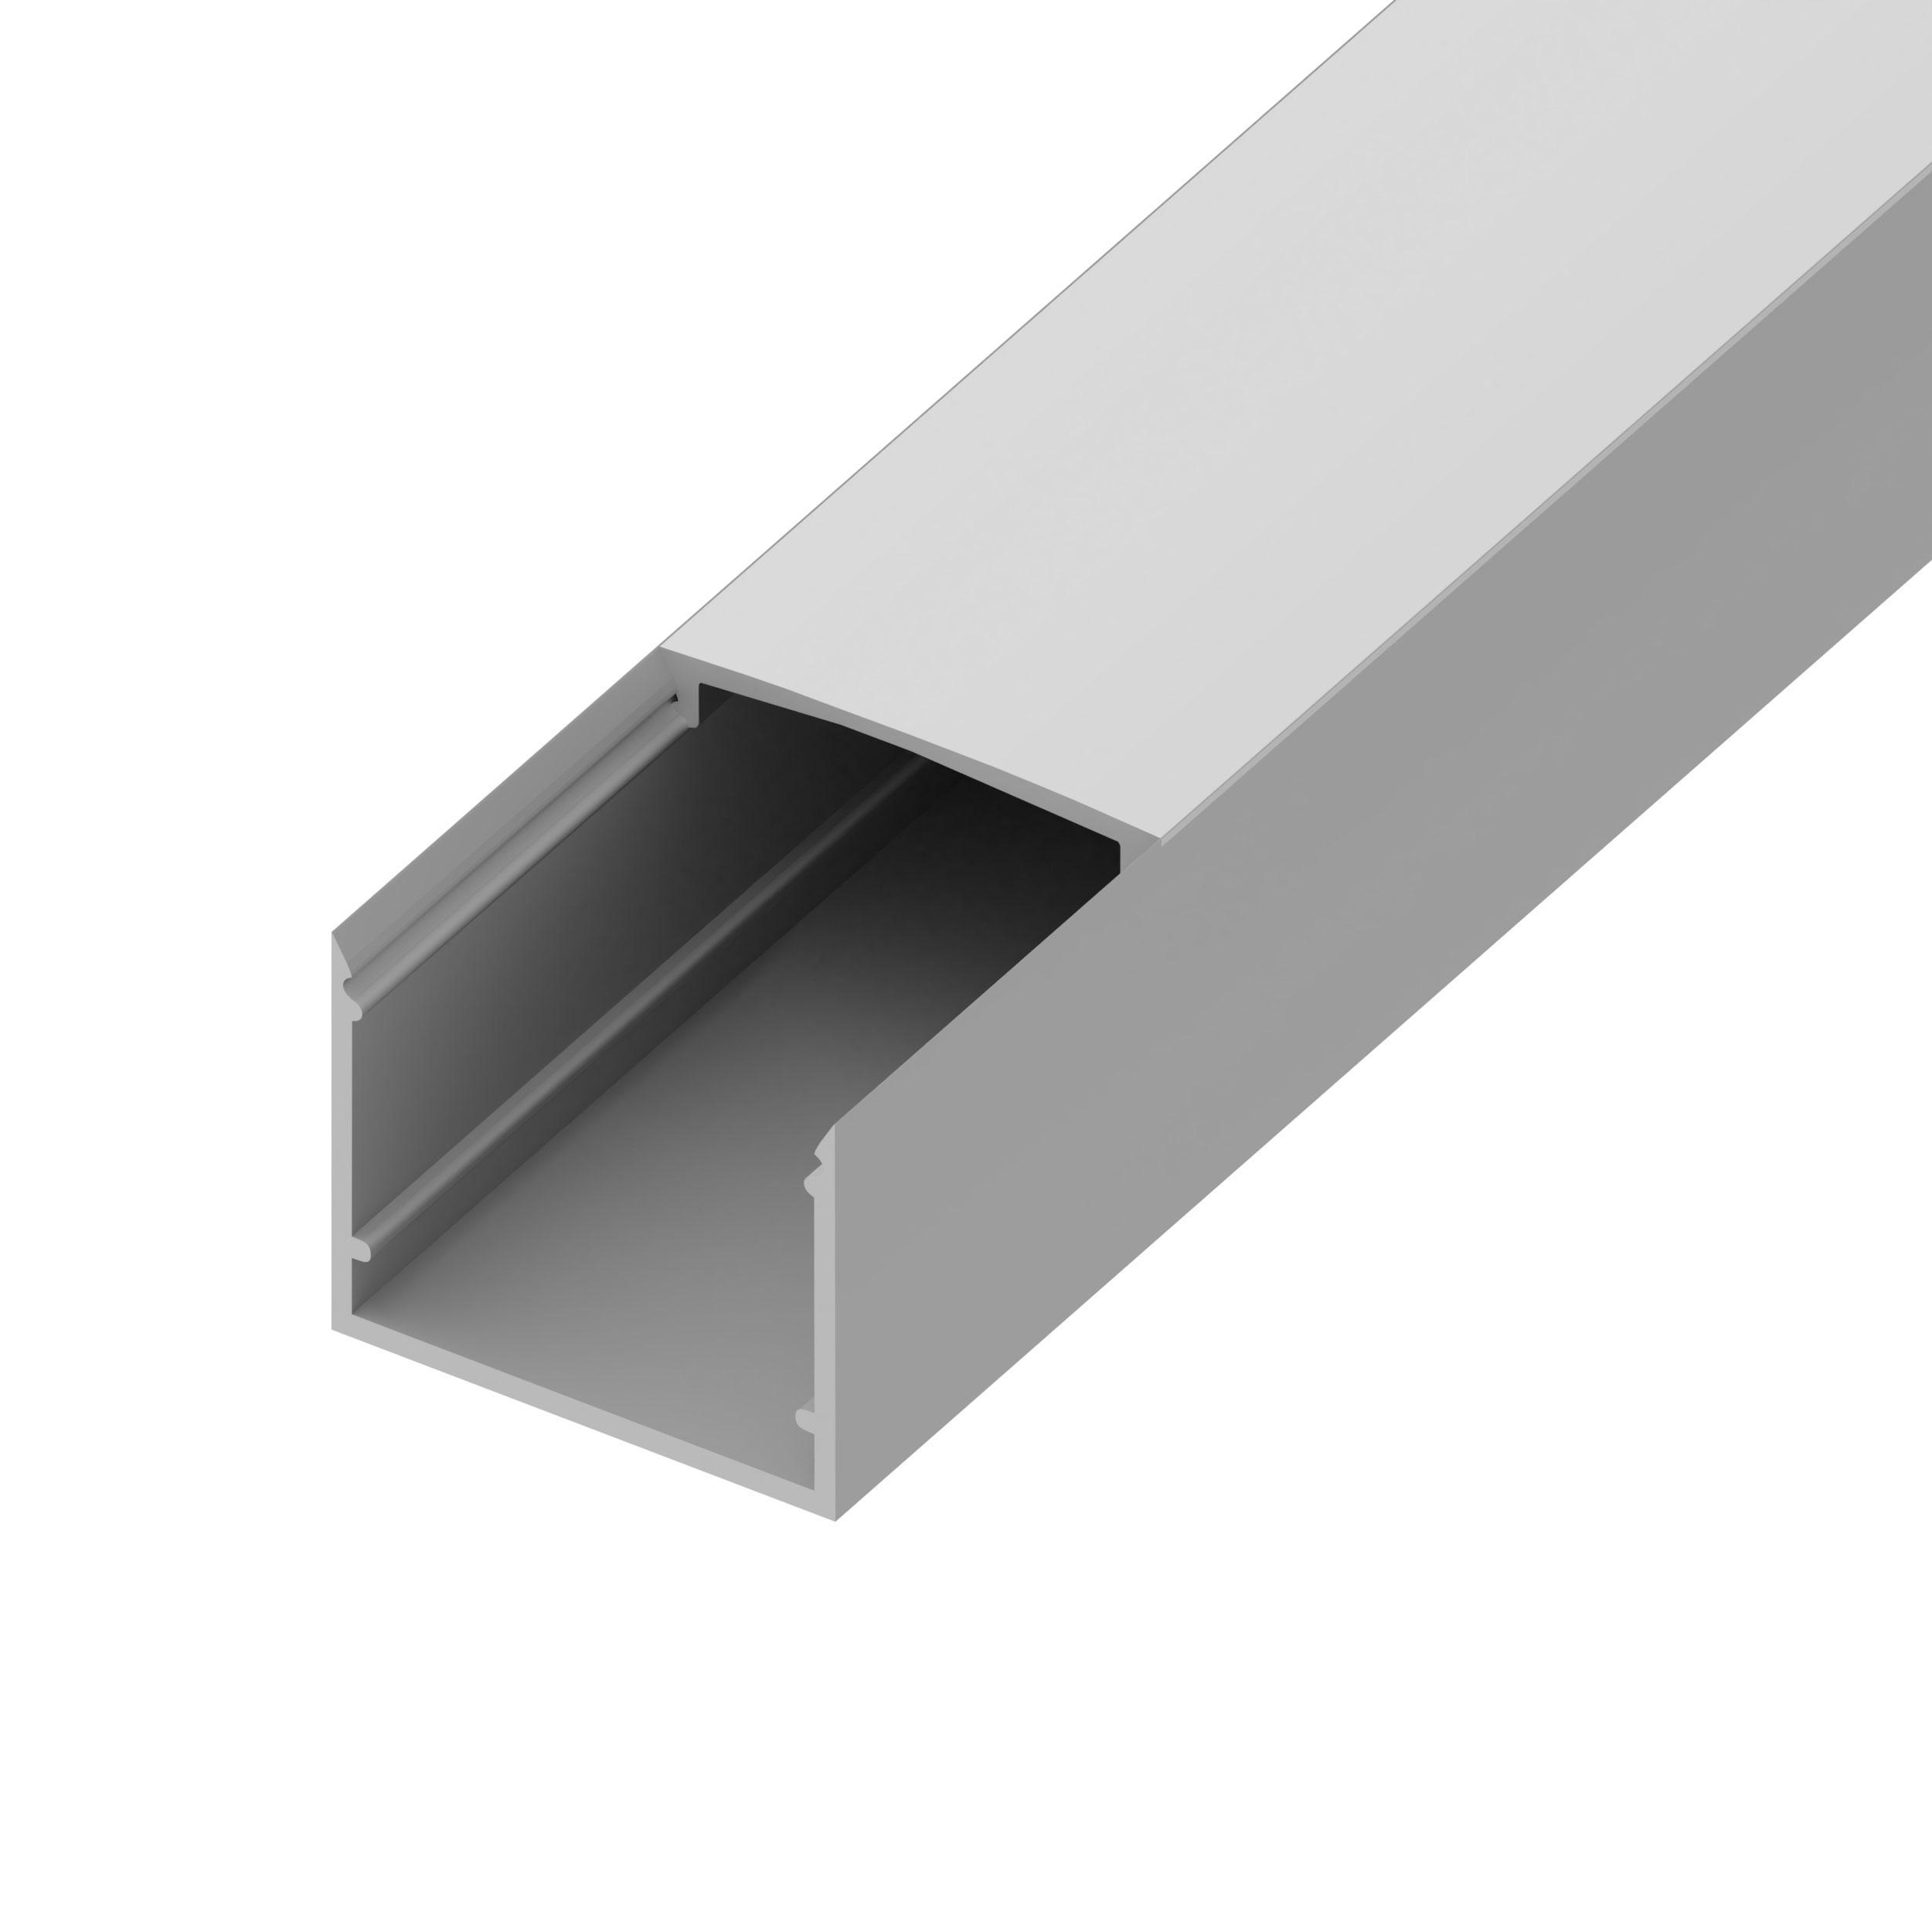 CANAL Aluminum